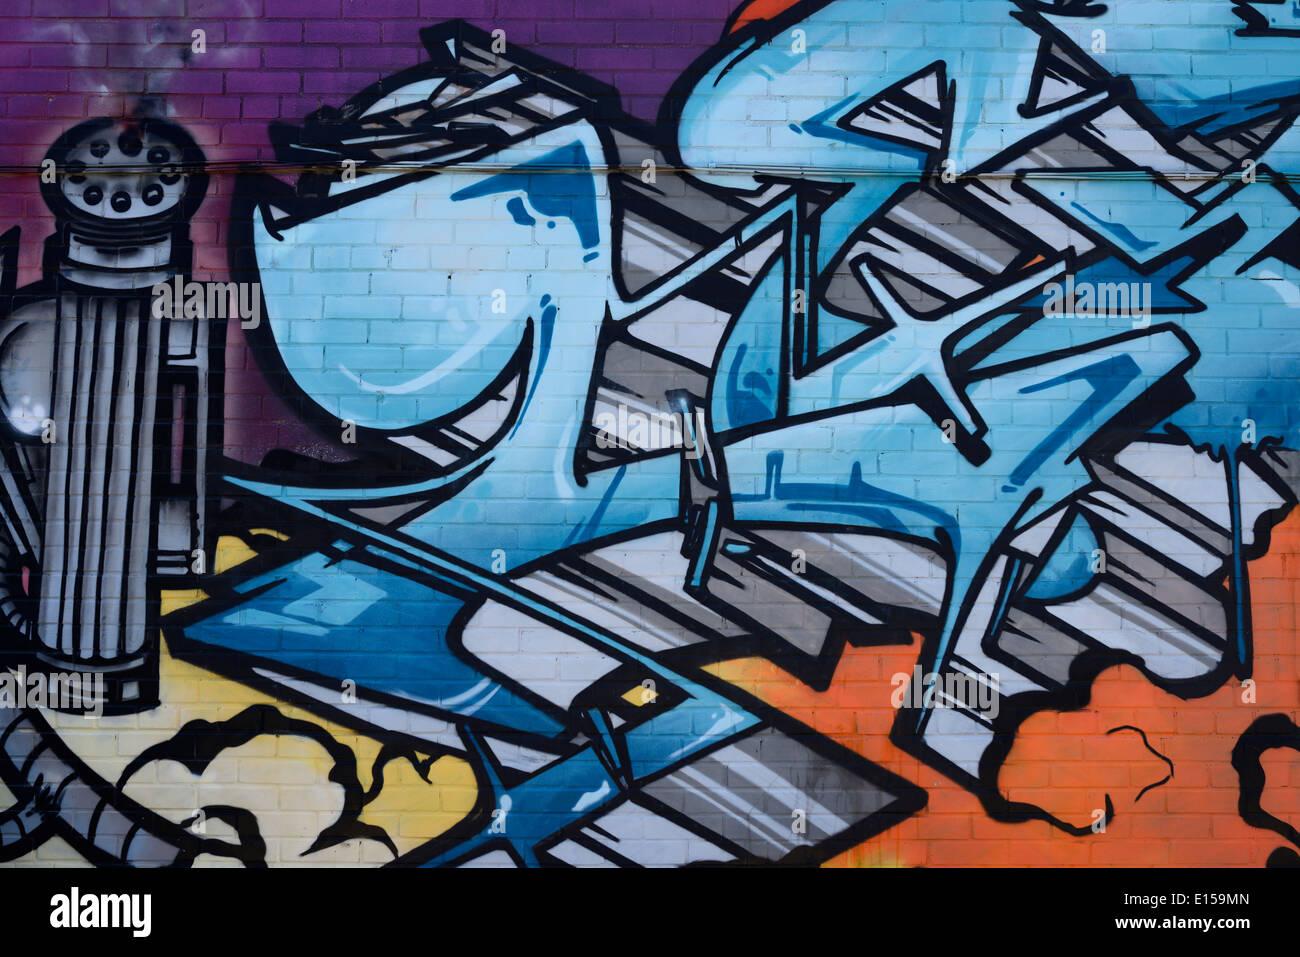 Bombe De Peinture Graffiti Tag Futuriste Avec Une Mitrailleuse Sur Mur De  Brique à Toronto5